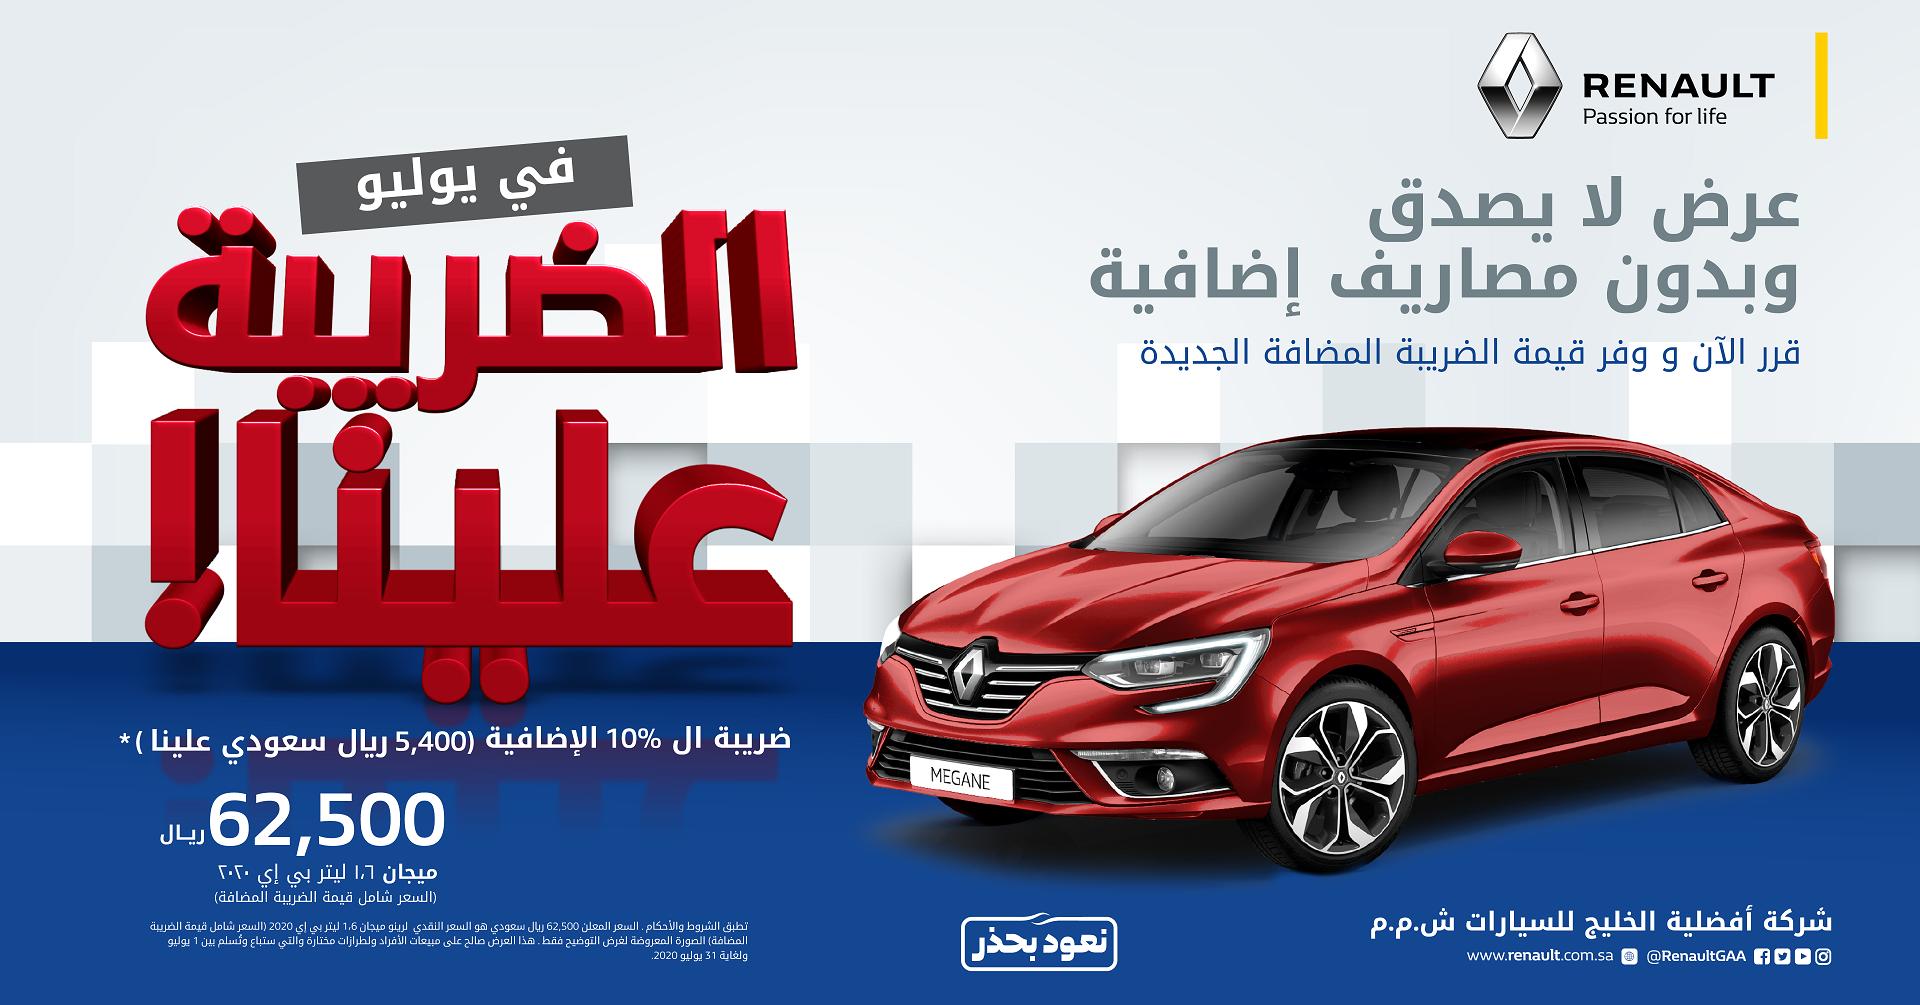 احجز رينو ميجان اليوم الضريبة علينا عرض لا يصدق وبدون مصاريف إضافية تطبق الشروط والأحكام Https Bit Ly 2zrijuo In 2020 Renault Renault Megane Commercial Vehicle